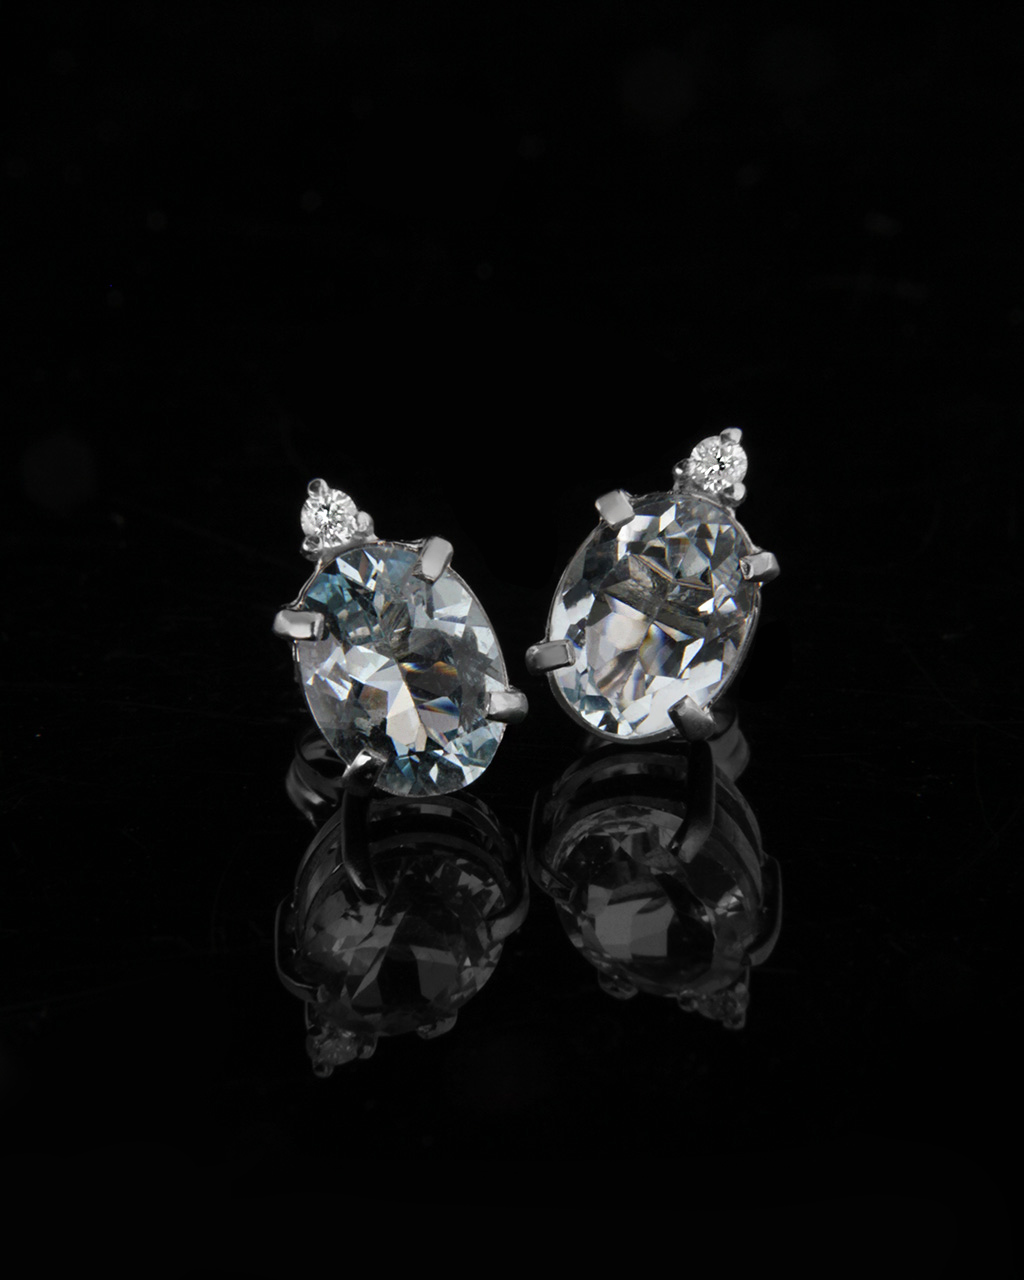 Σκουλαρίκια λευκόχρυσα Κ18 με Διαμάντια & Τοπάζι   γαμοσ νυφικό κόσμημα